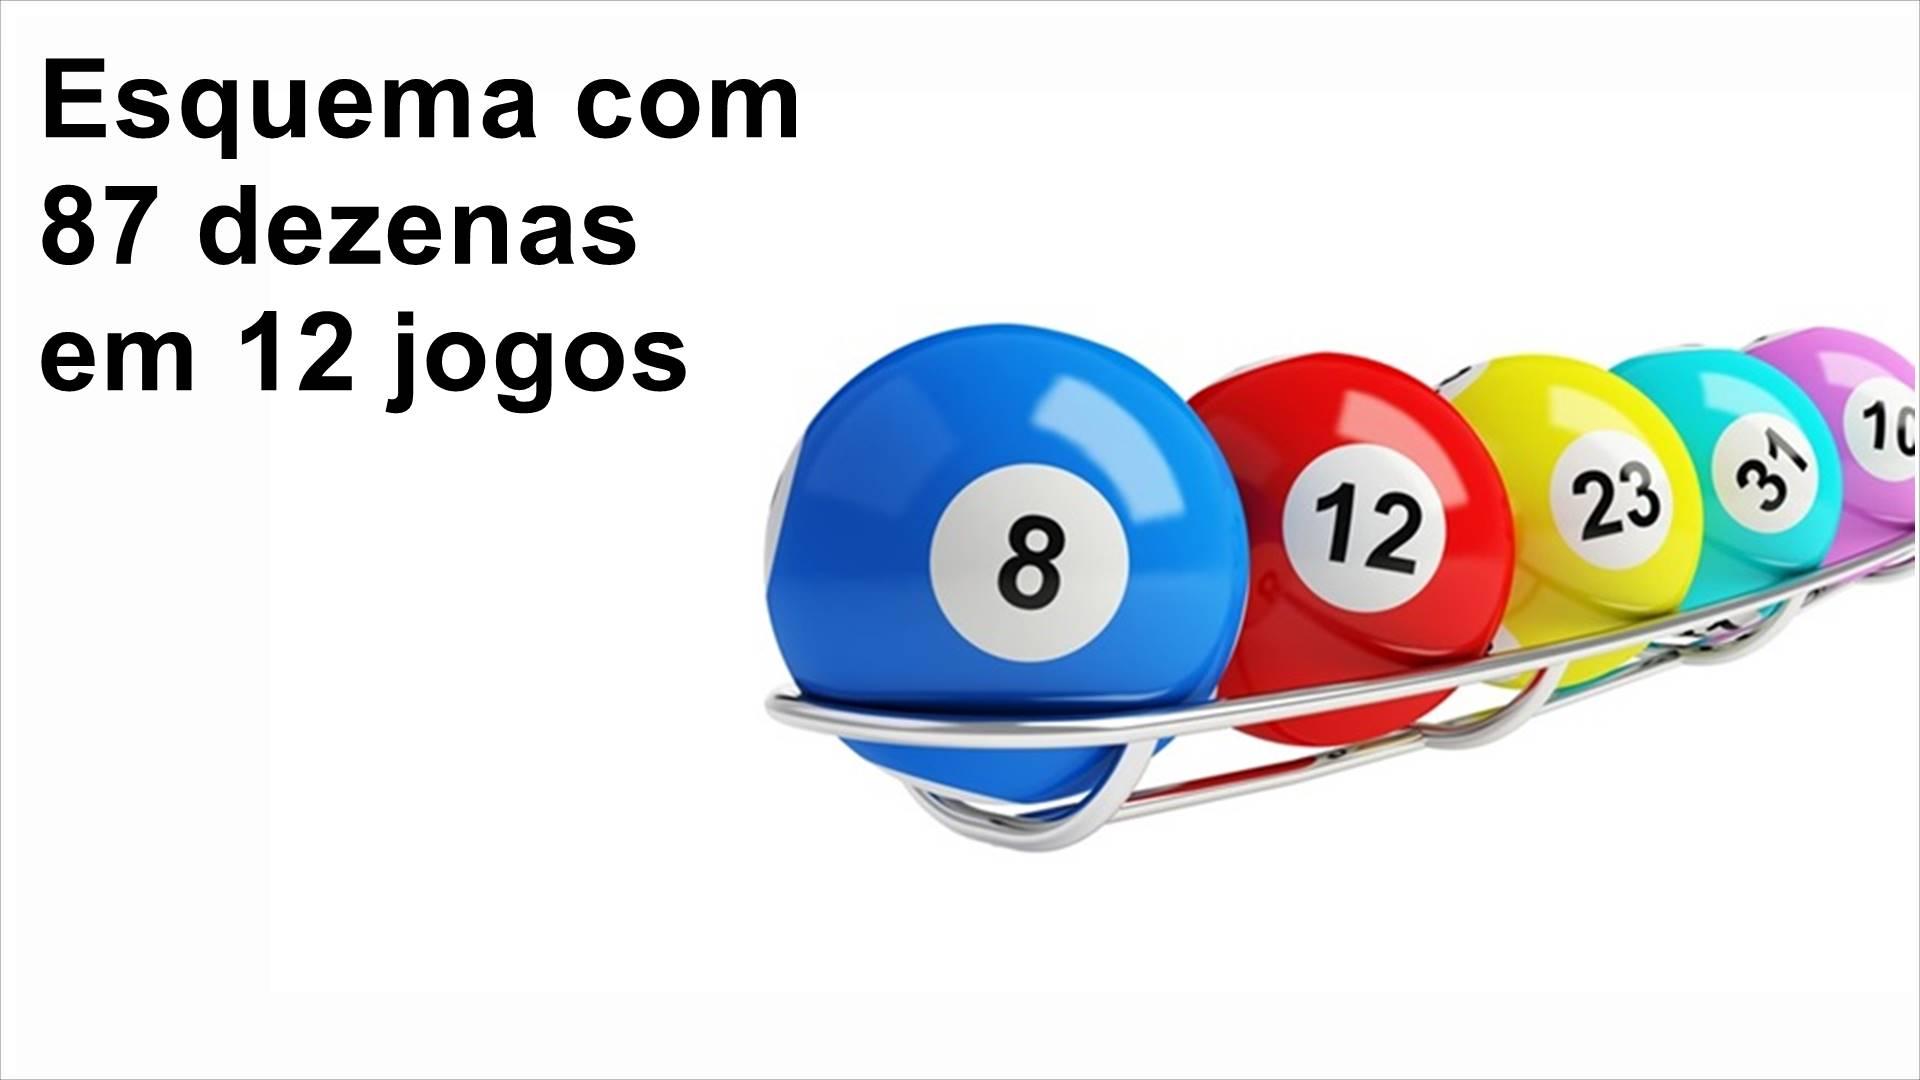 Lotomania - esquema com 87 dezenas em 12 jogos